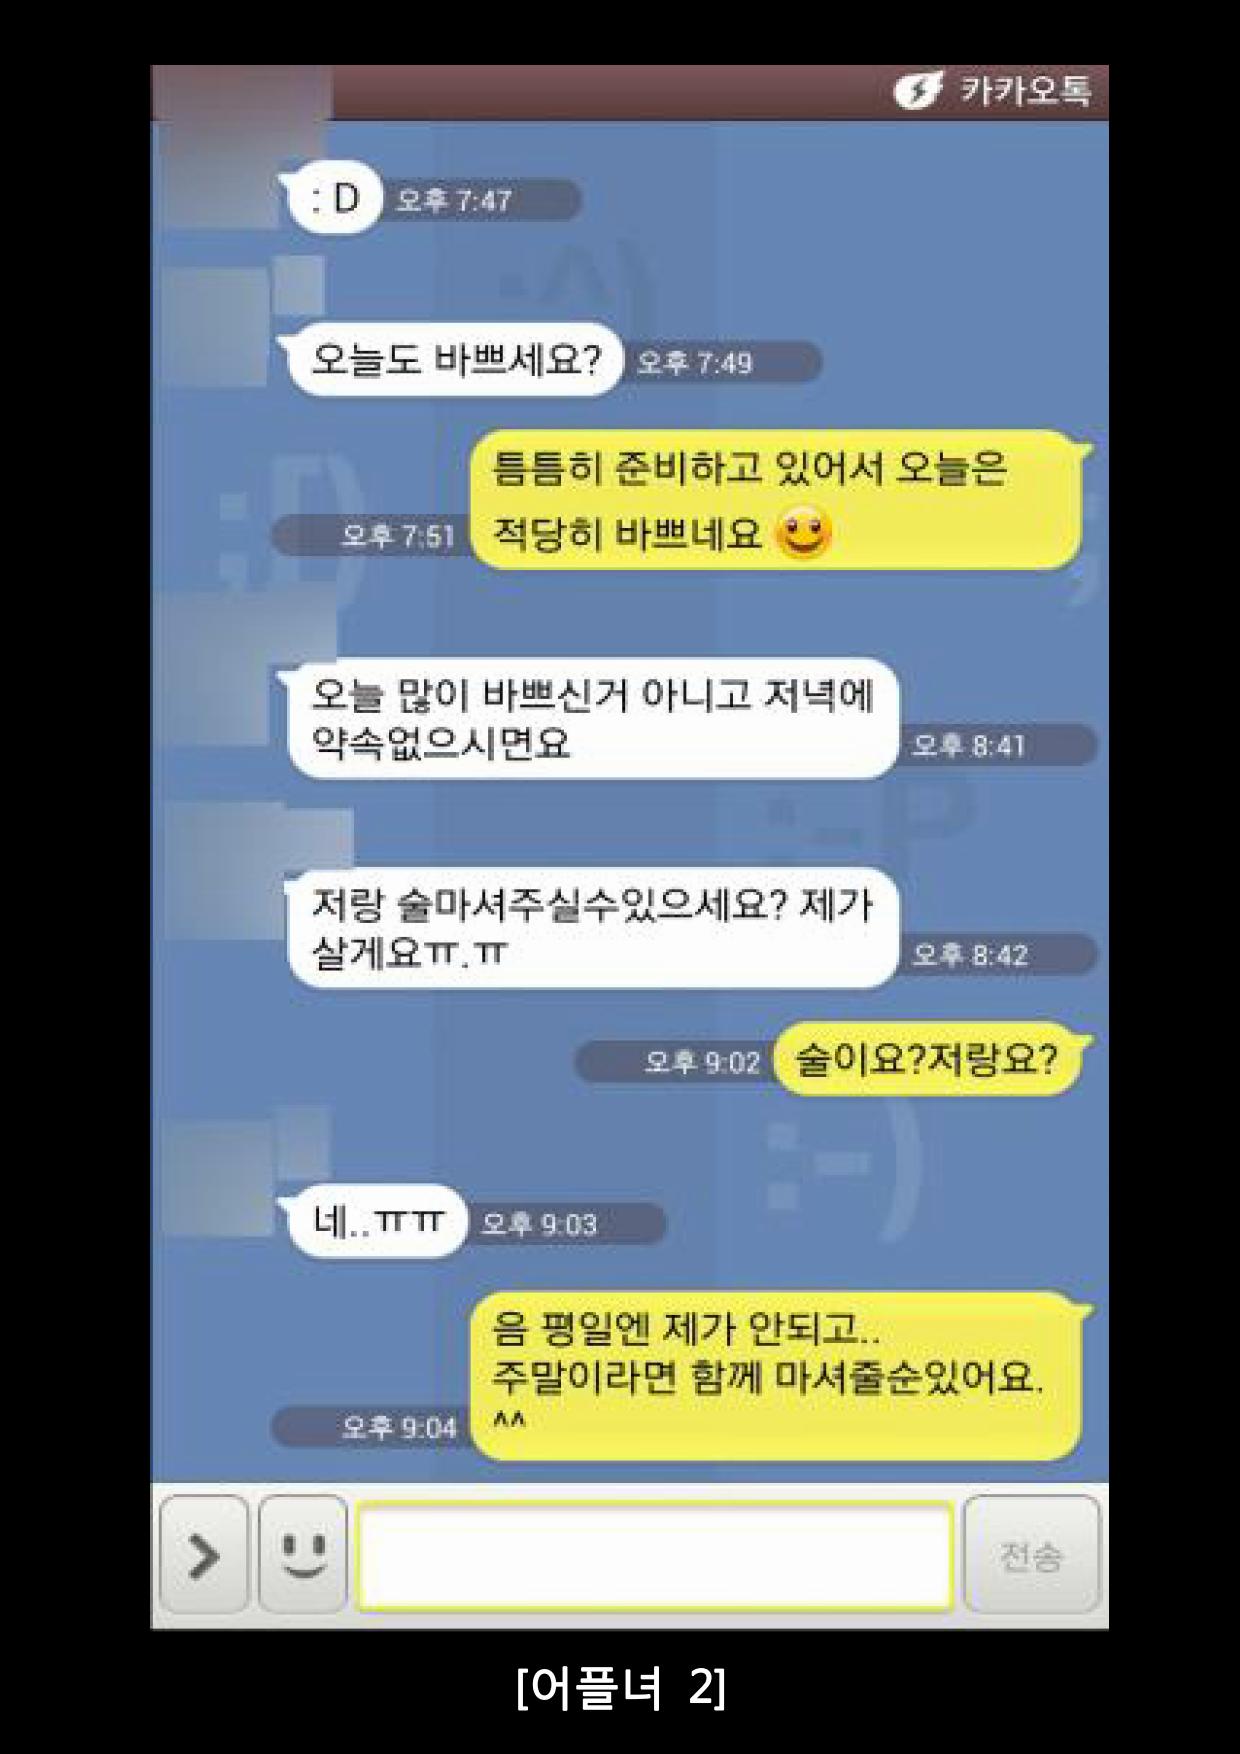 본 머티리어 1회차 홍보글 v3(수강후기 따로 편집요함)_17.png